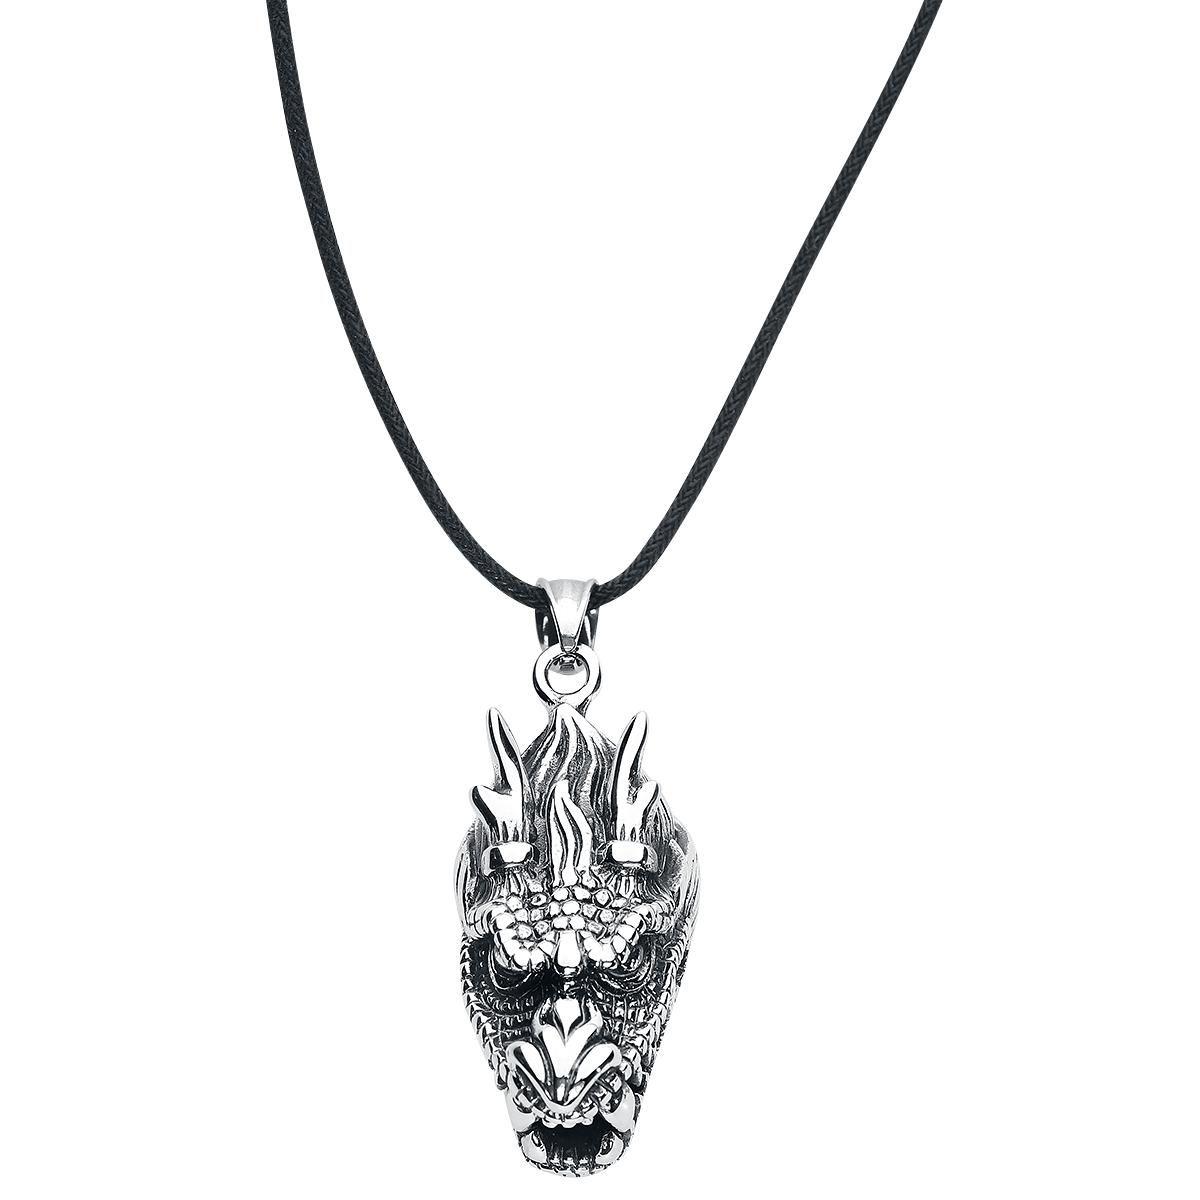 Dragon - Halskæde af etNox hard and heavy